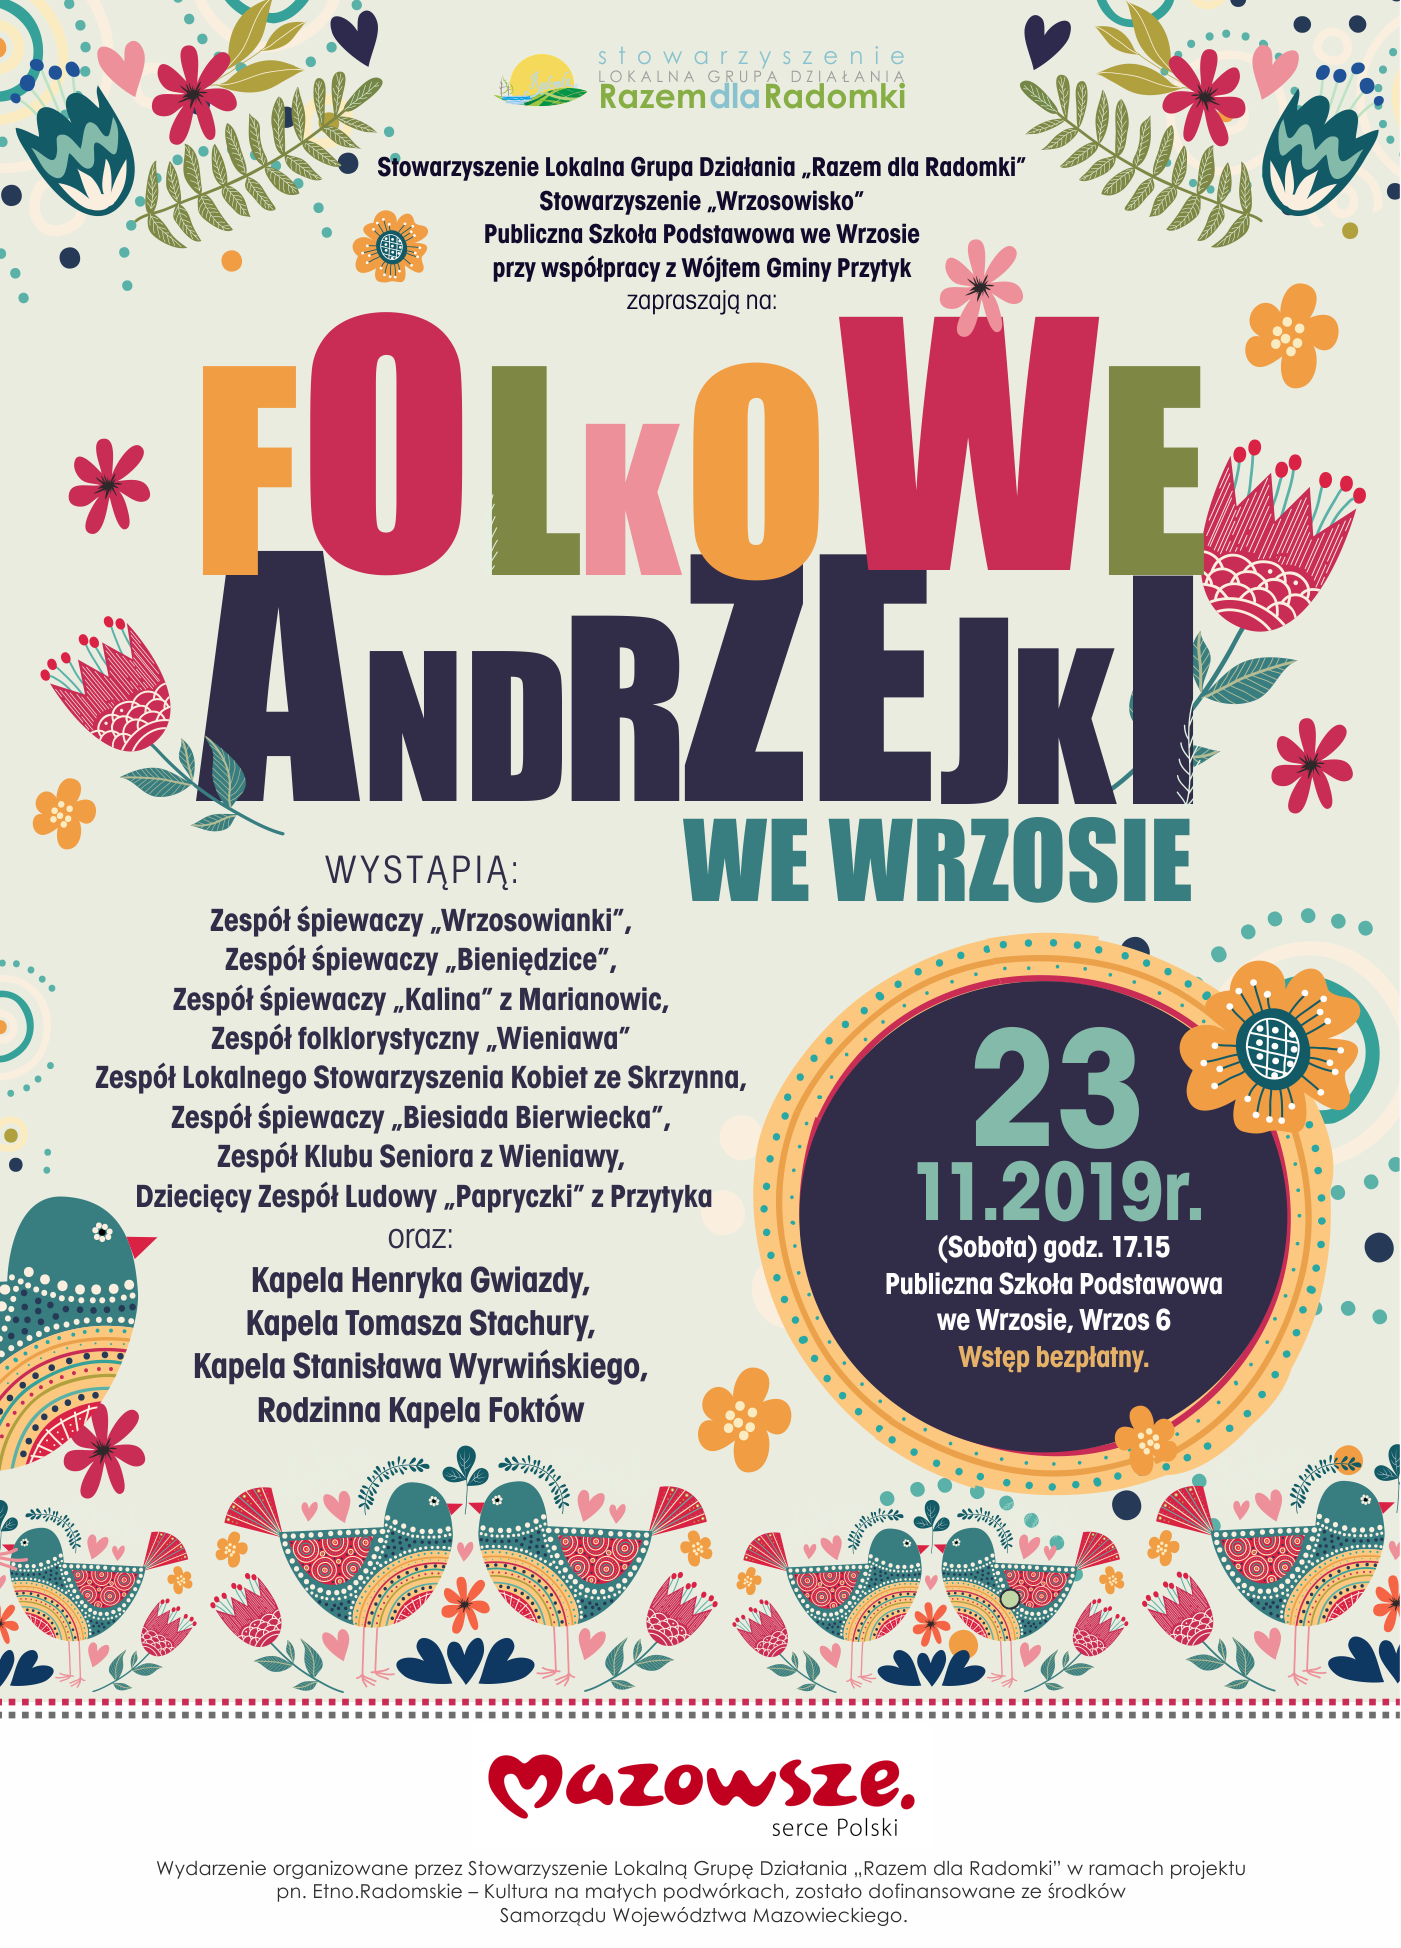 Folkowe Andrzejki we Wrzosie